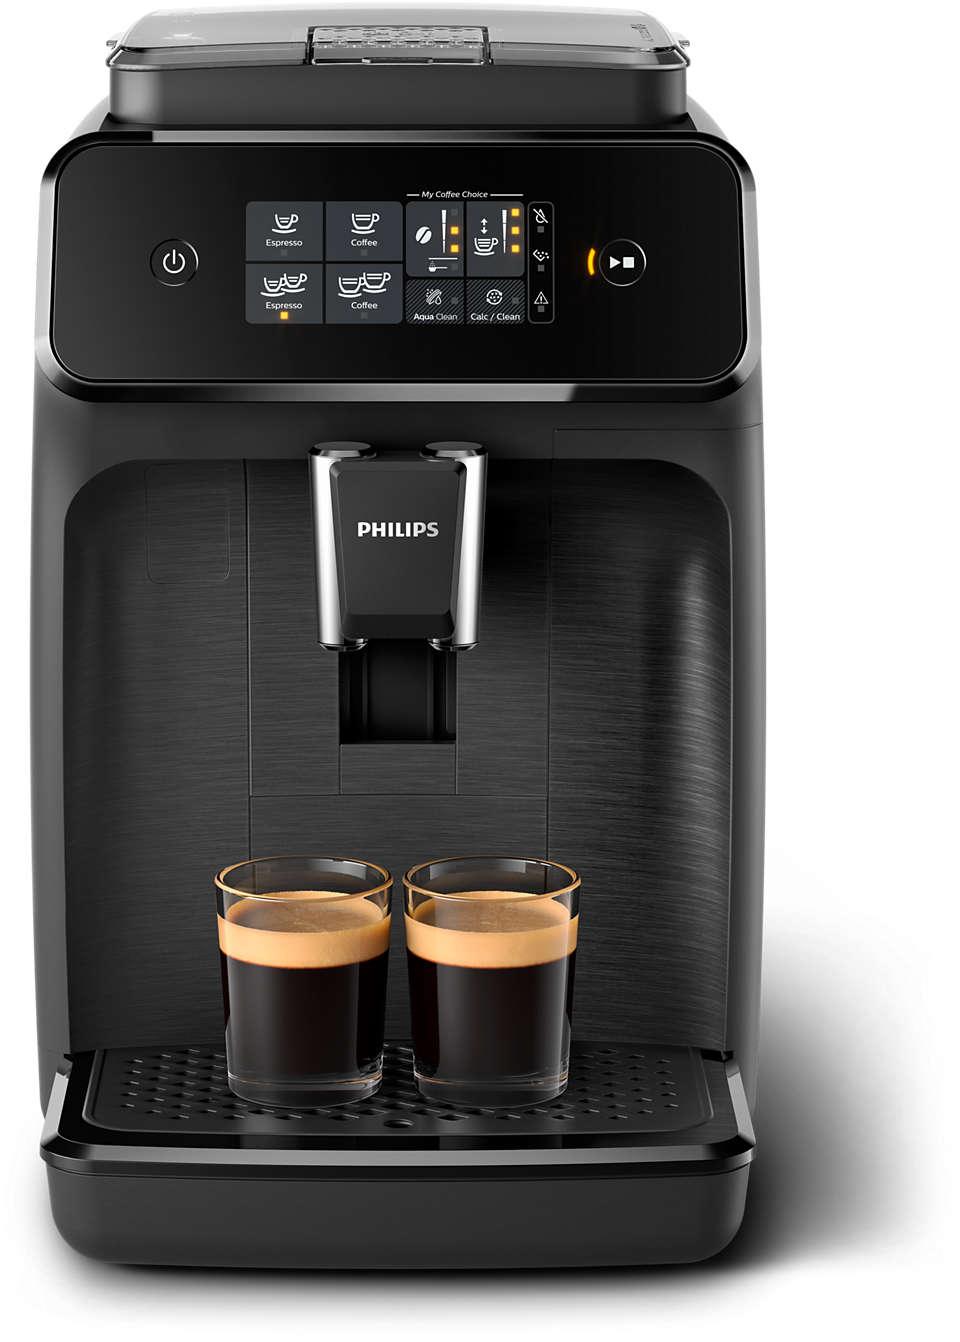 2délicieux cafés préparés avec des grains de café frais